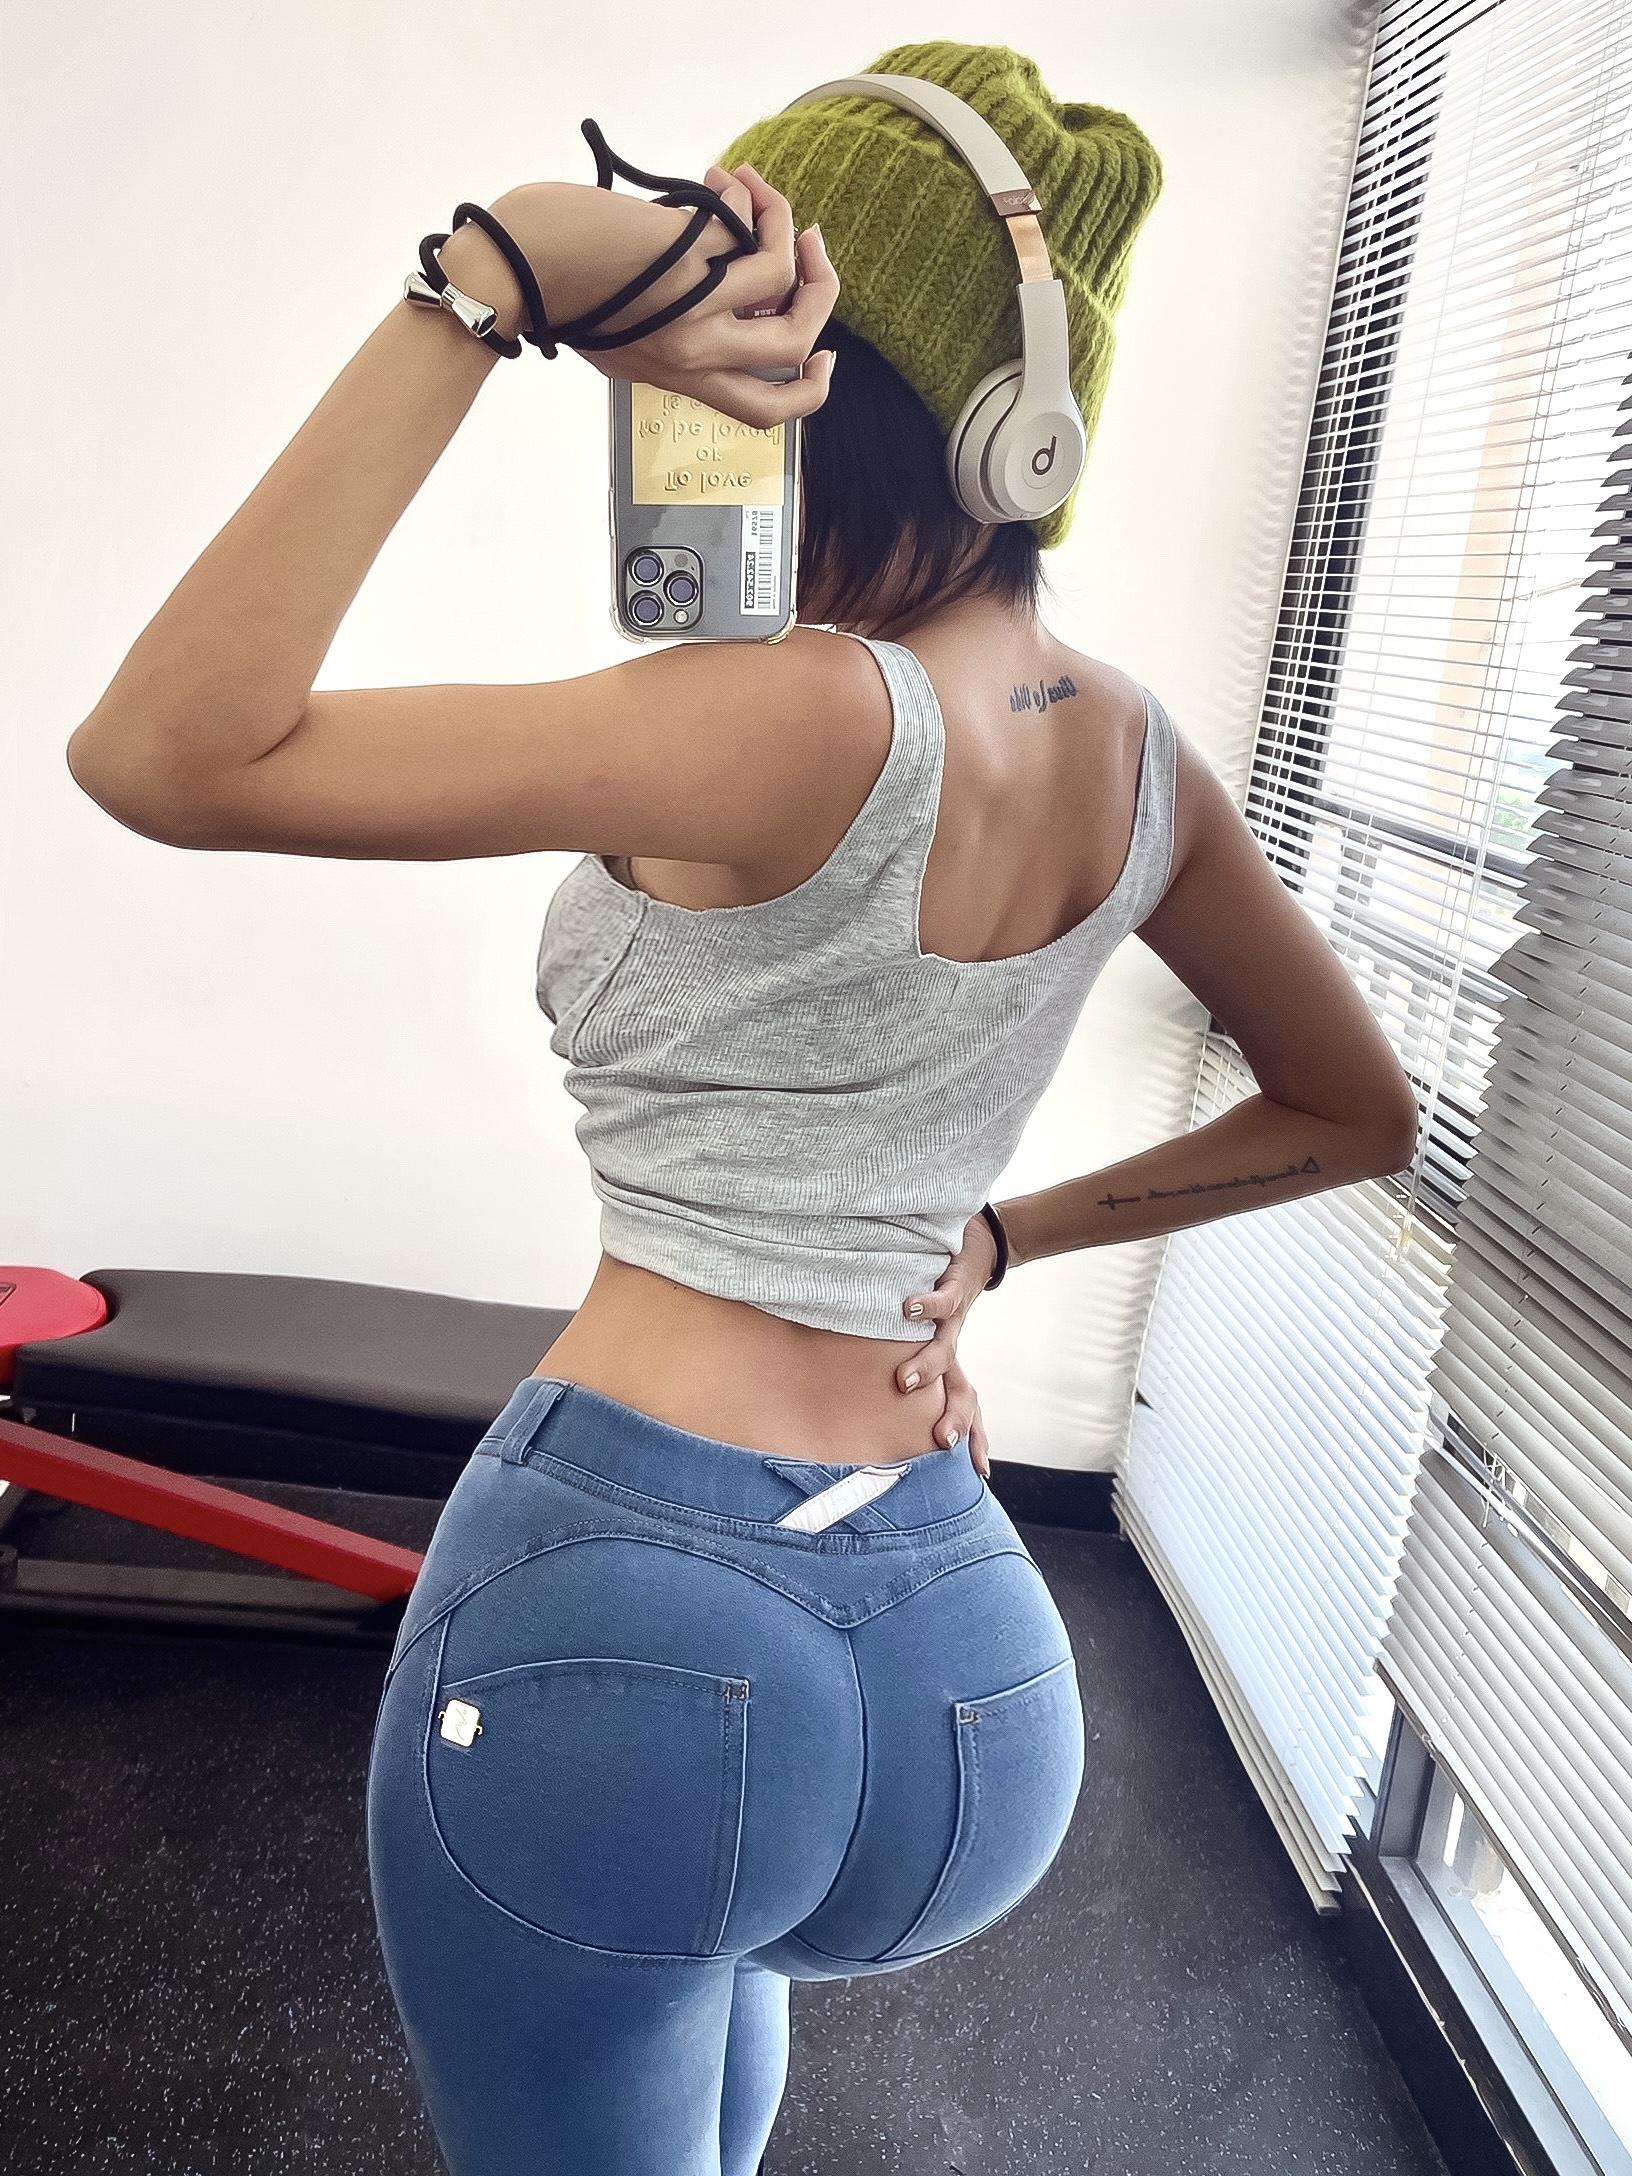 街拍紧身牛仔裤 蜜桃臀牛仔蓝浅色水洗蜜桃裤女运动健身性感外穿街拍紧身裤提臀裤_推荐淘宝好看的女街拍紧身牛仔裤